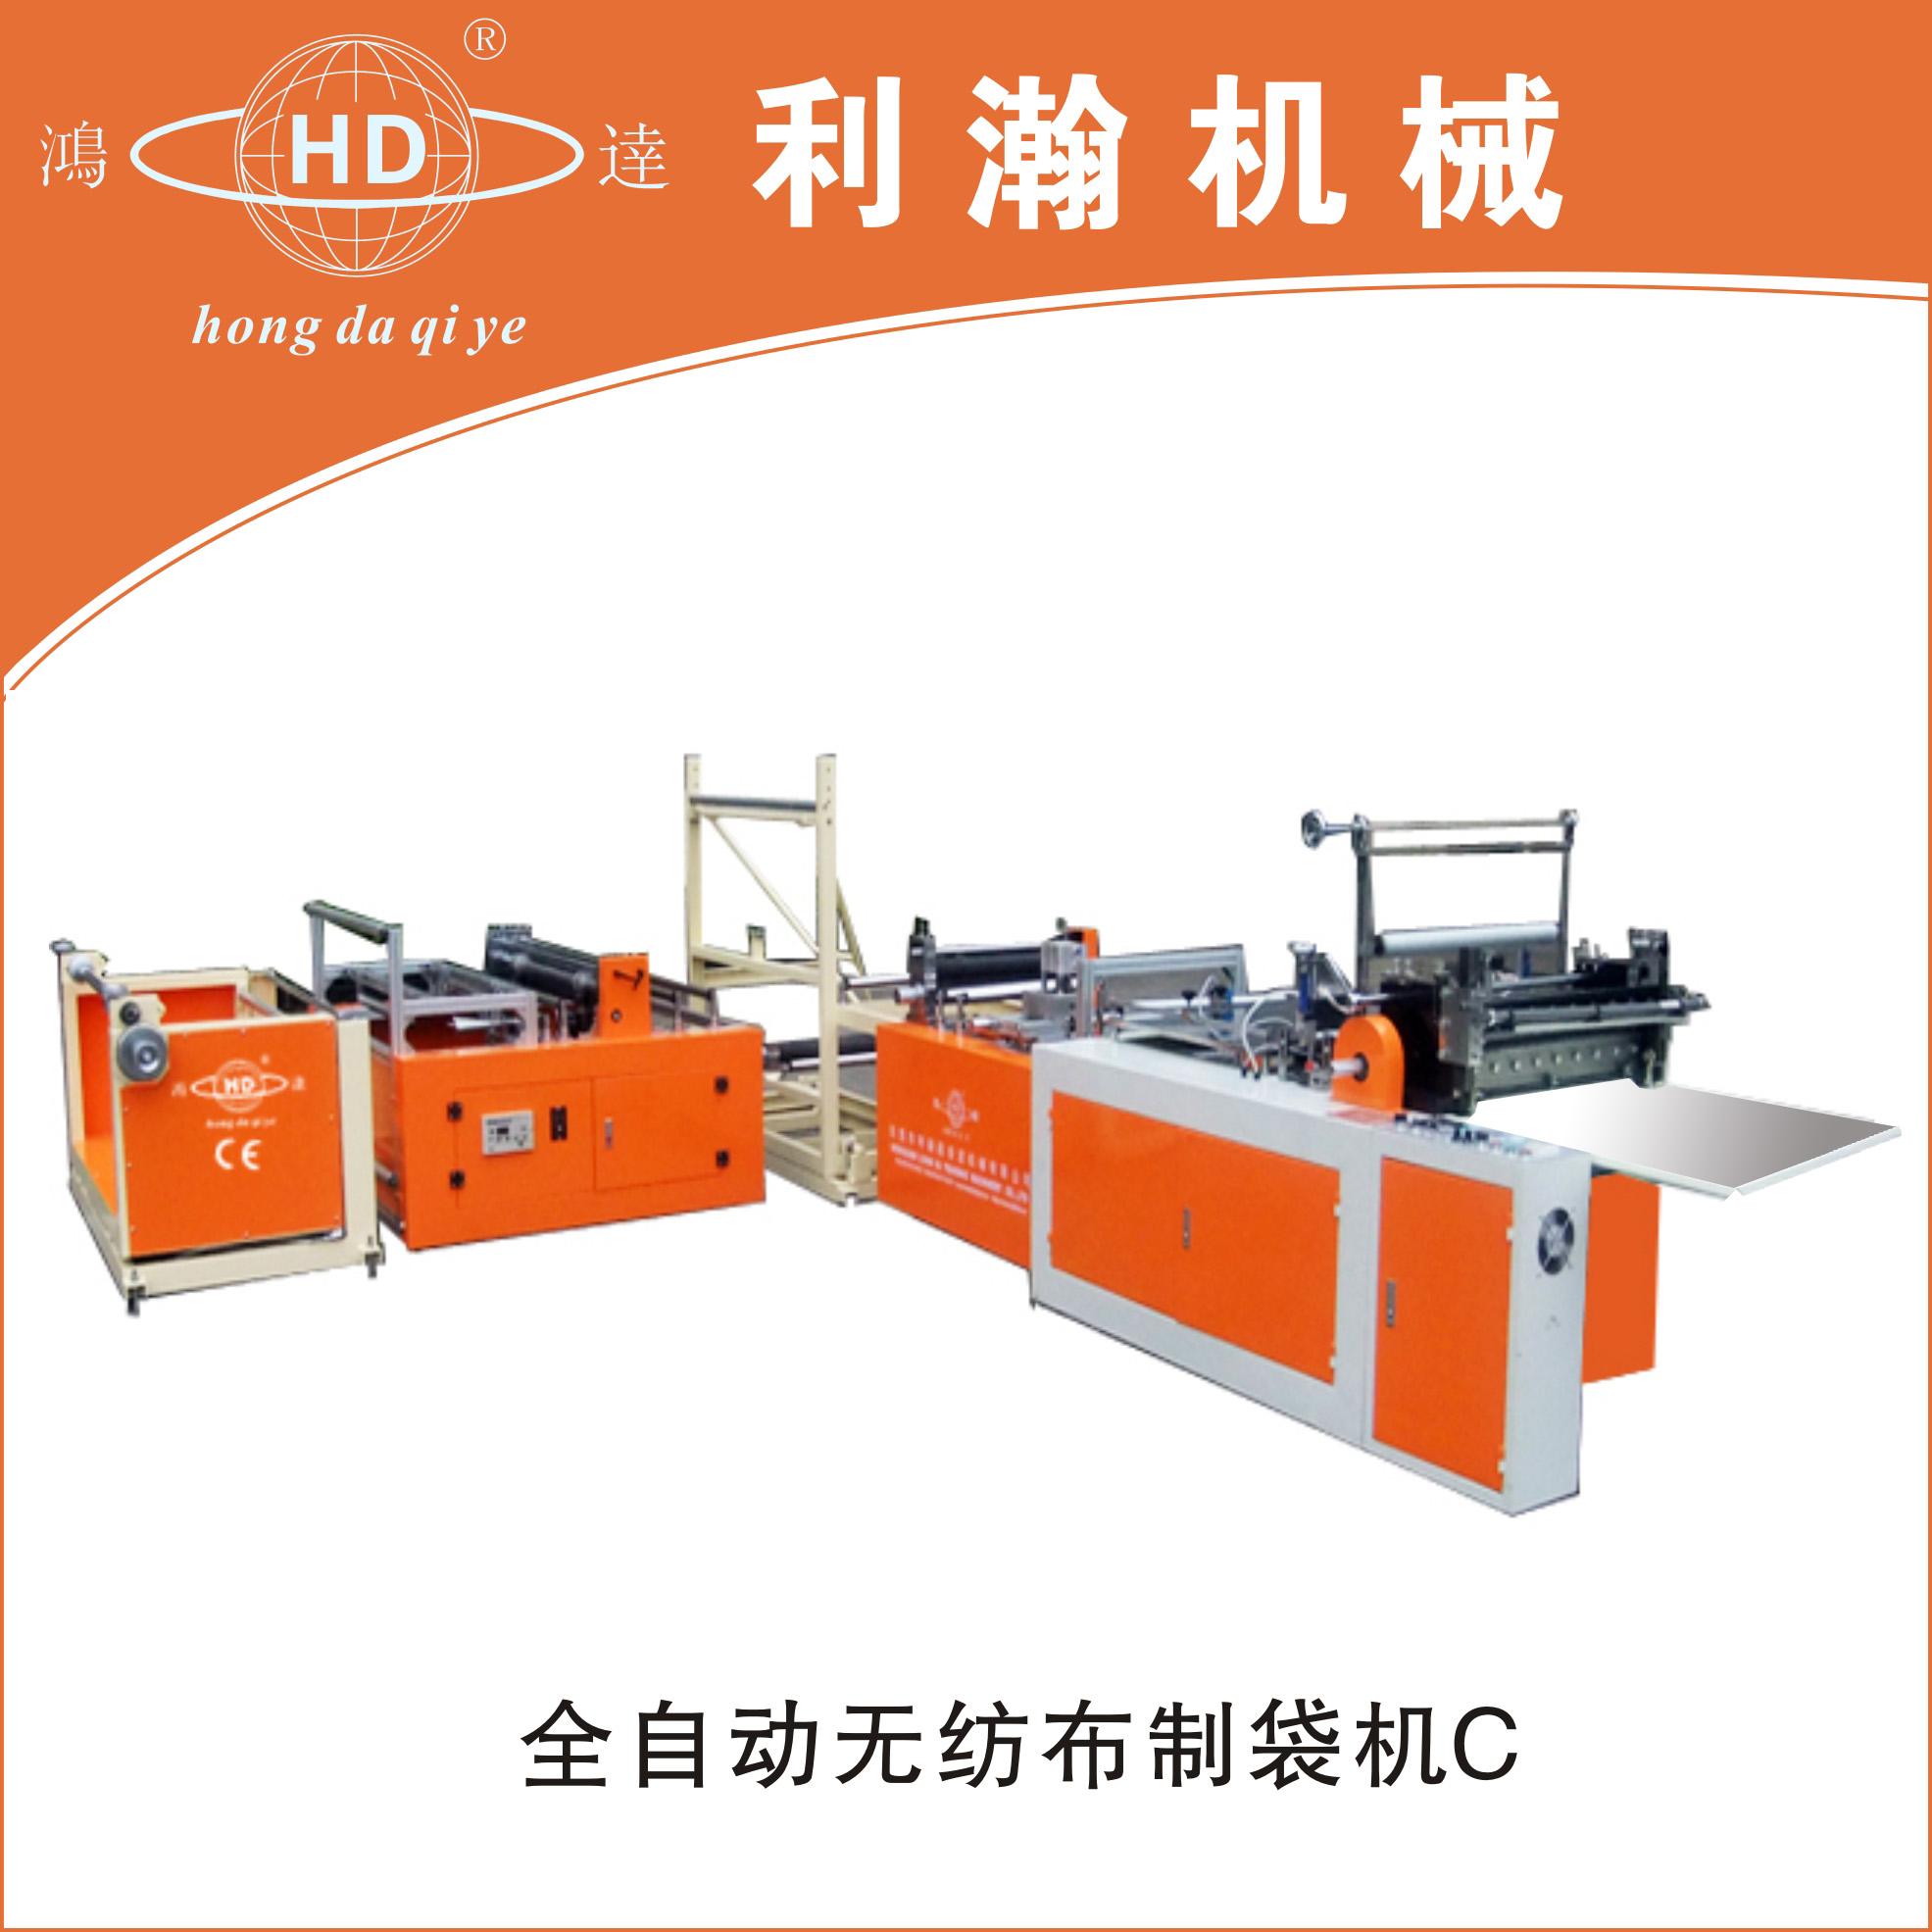 全自动无纺布制袋机C HD-1504